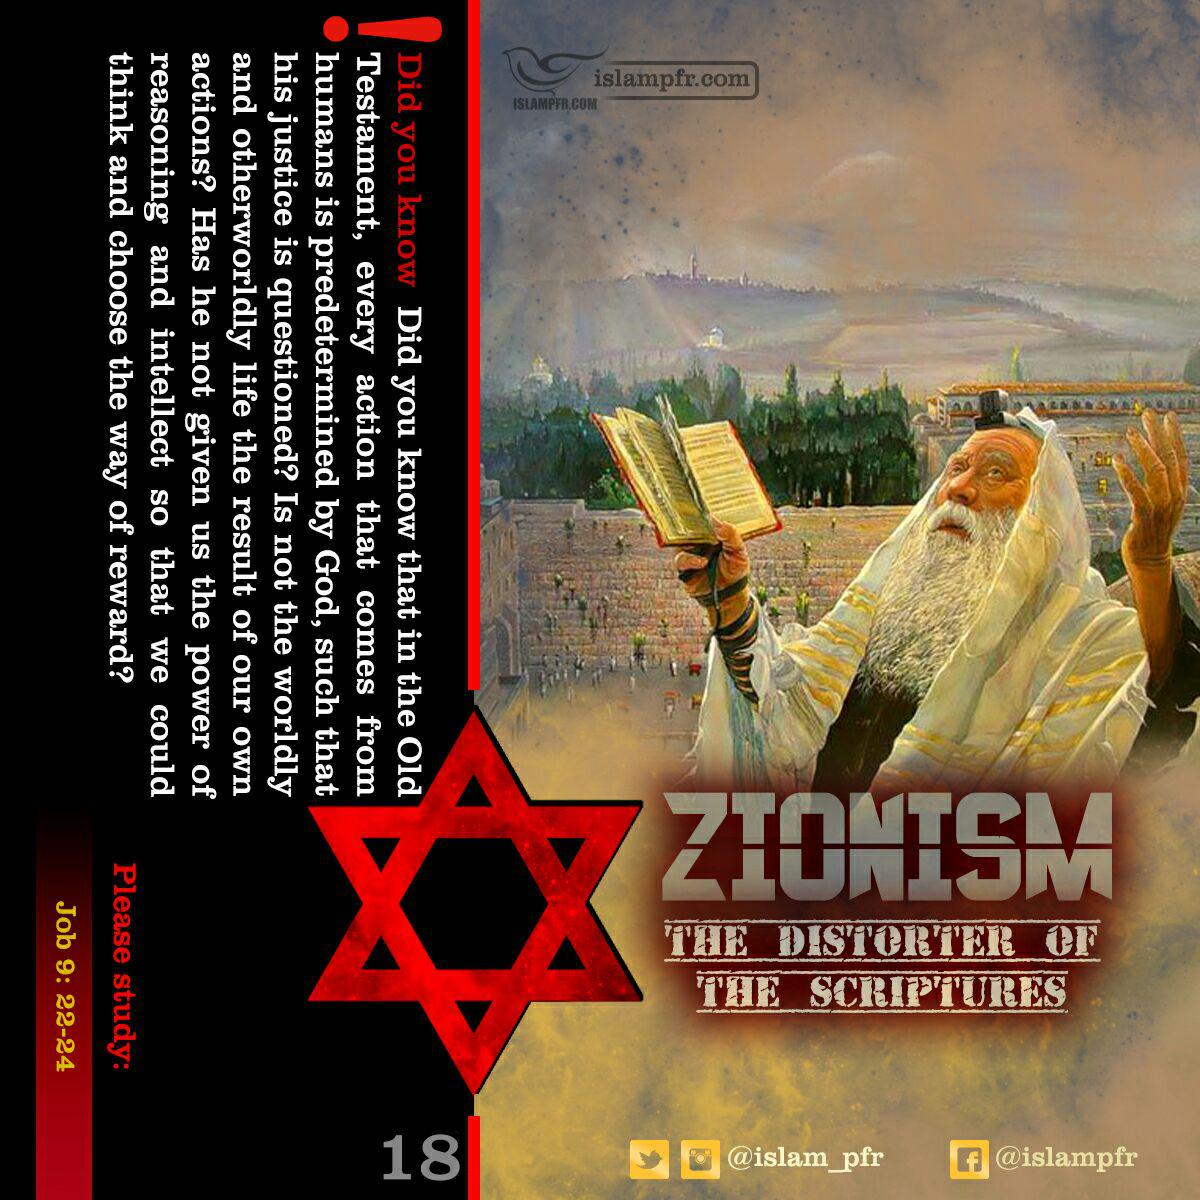 zionism+zion+zionist+israel